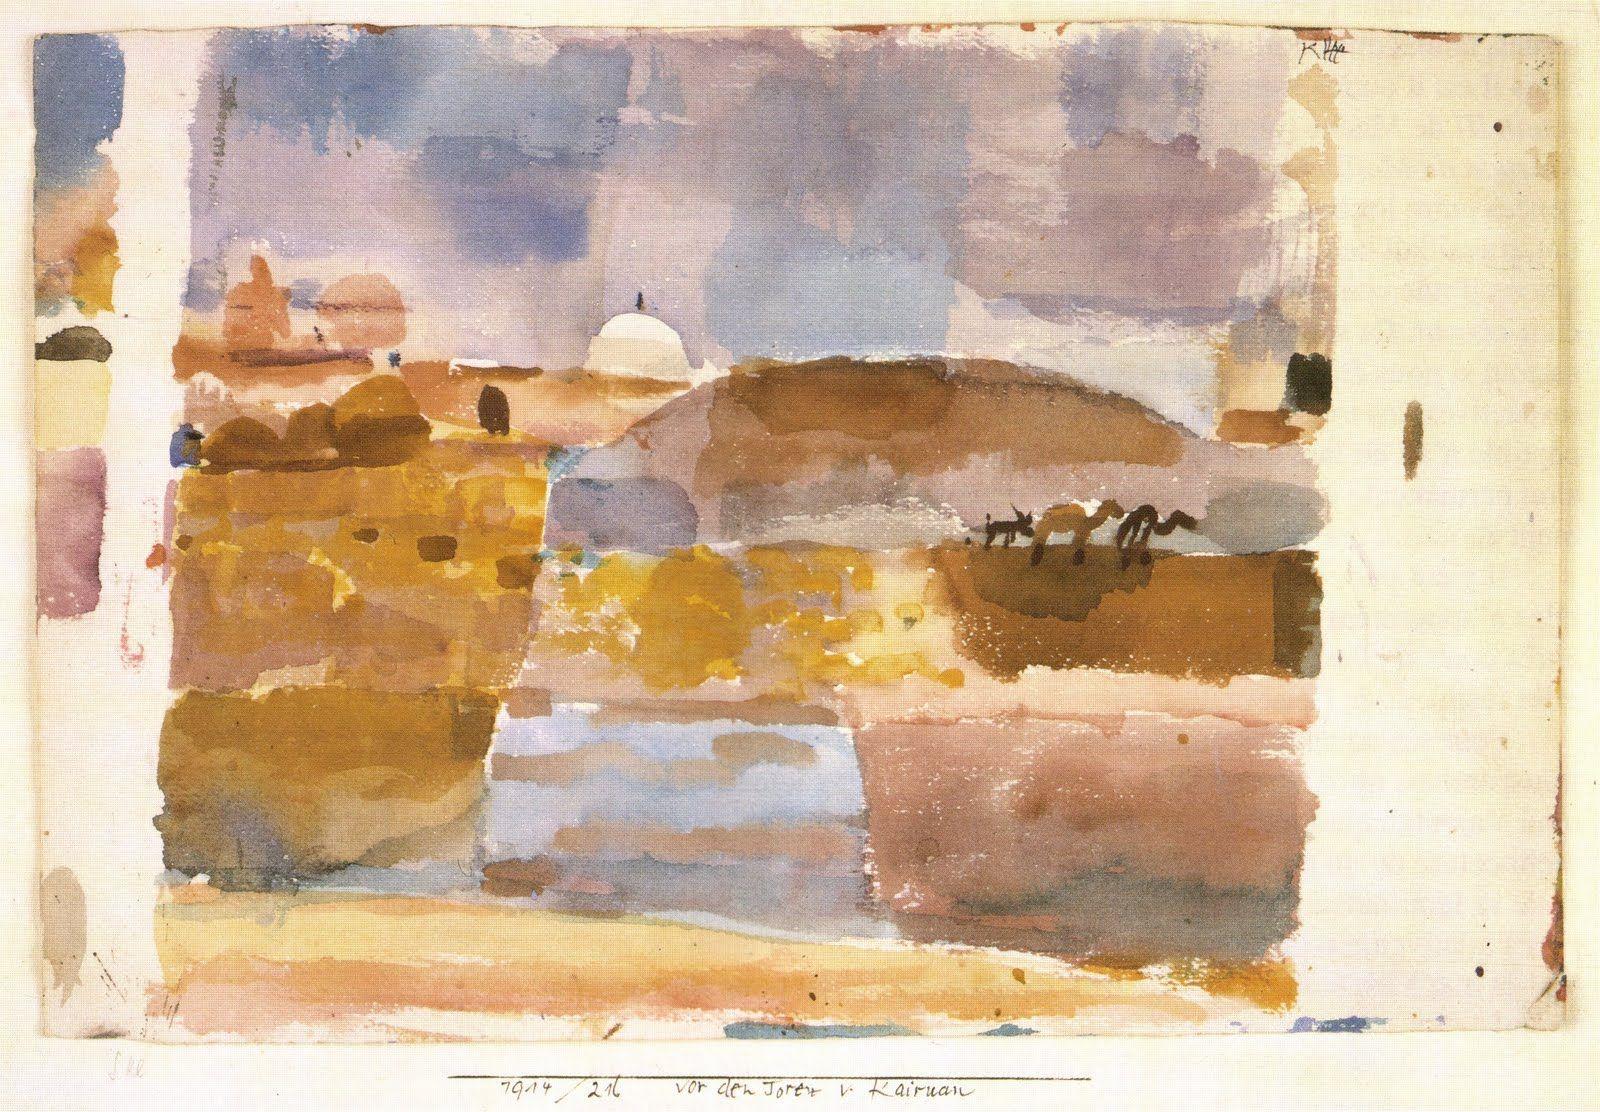 Paul Klee - Aux portes de Keruan (1914)